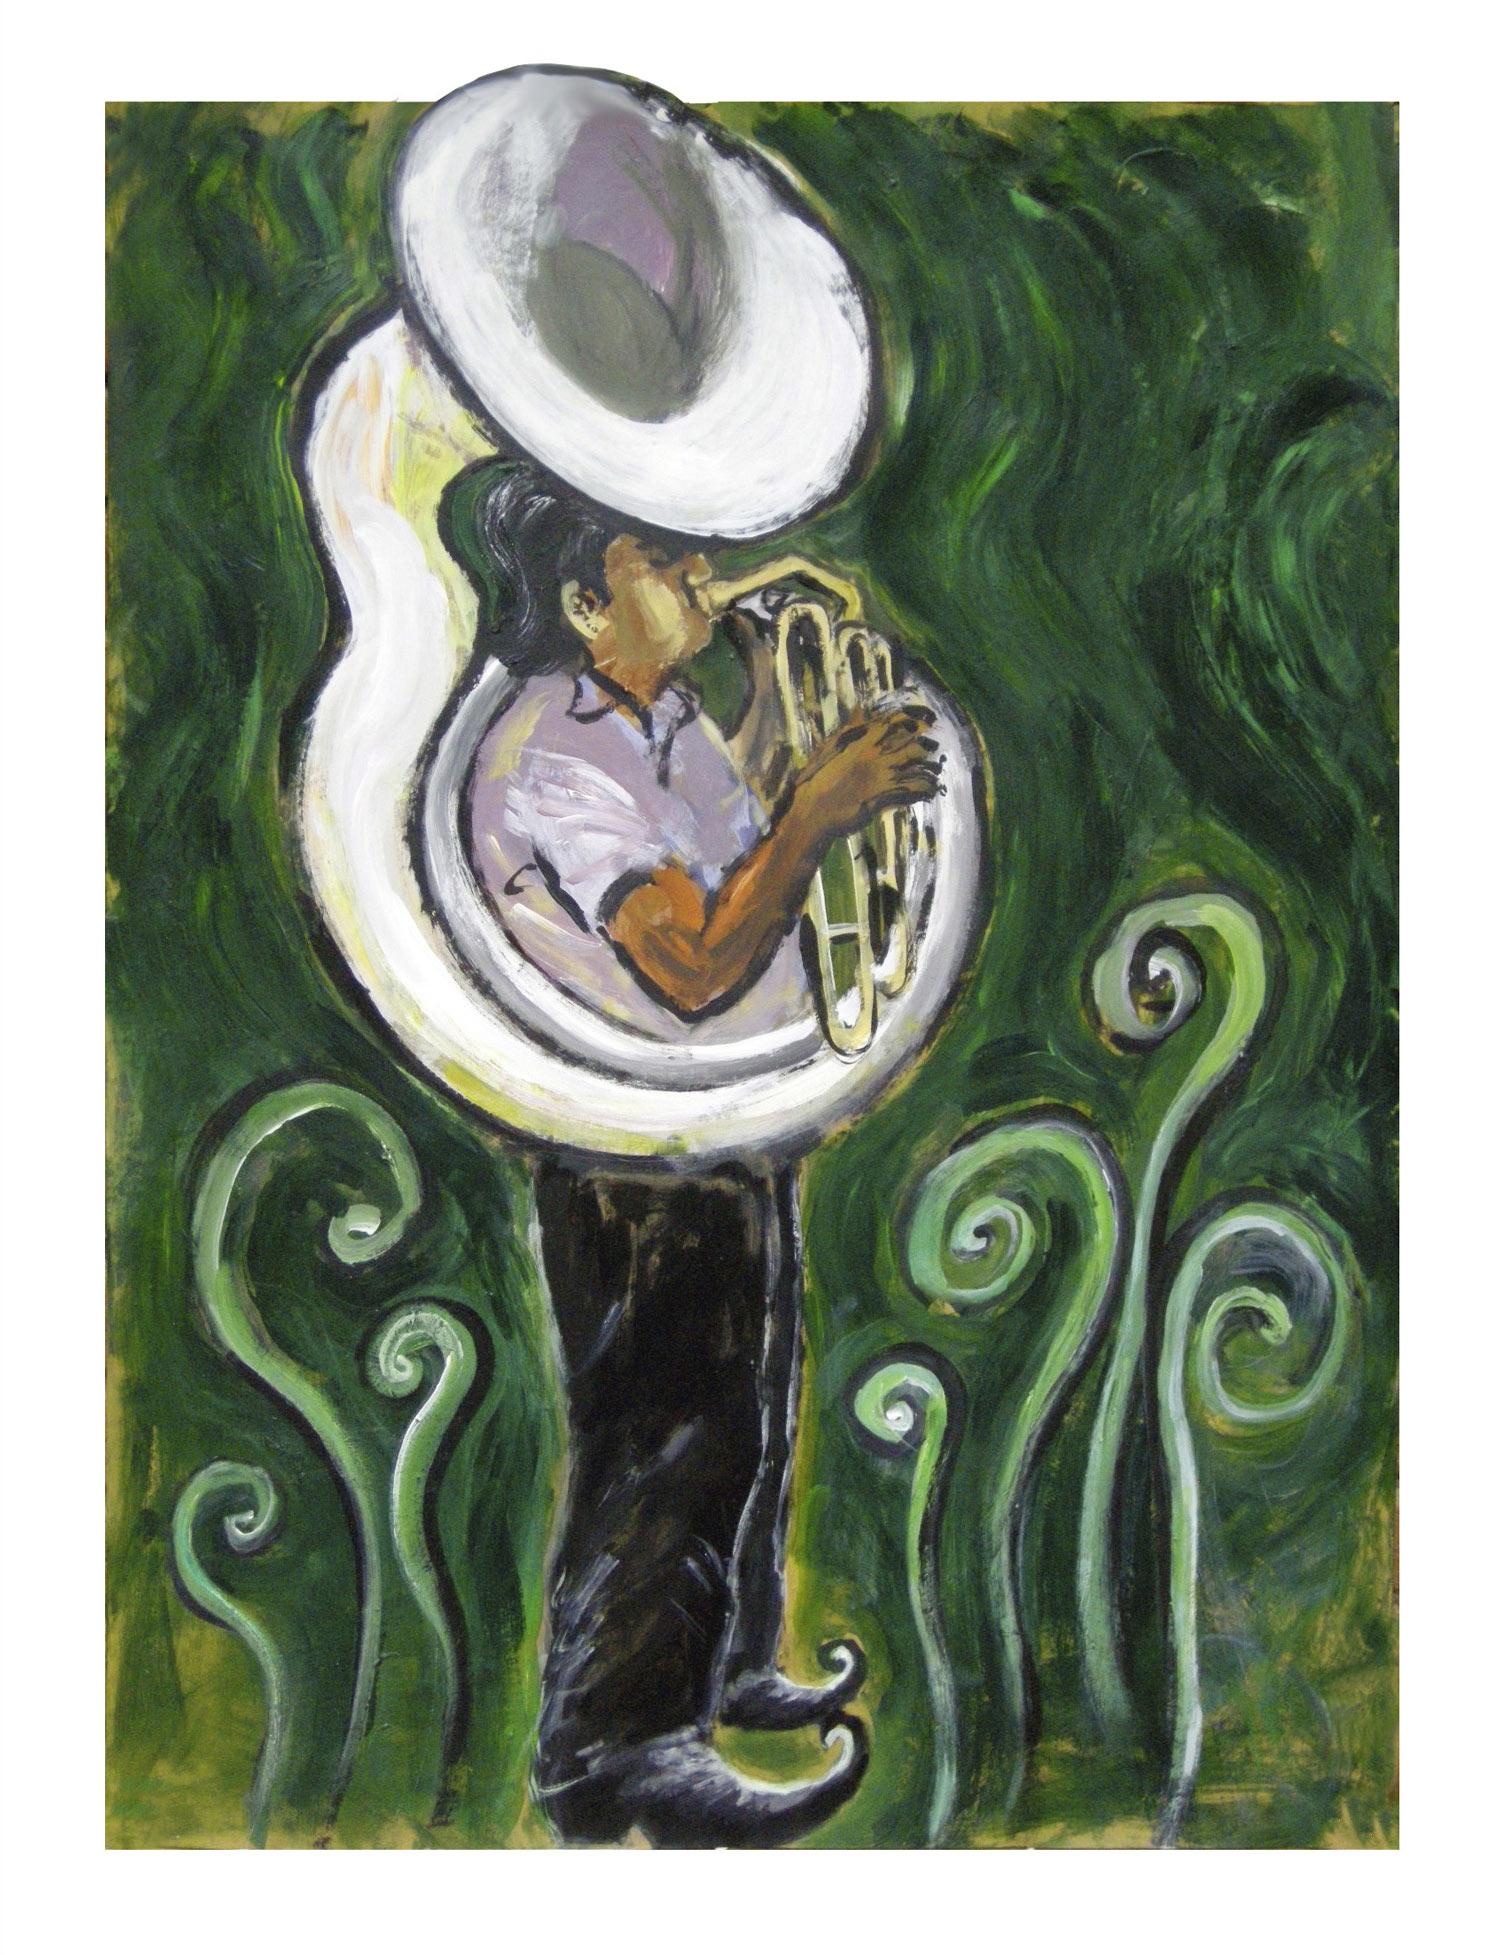 SUMMONING THE SNAILS  Acrylic on Card | 79 x 101 cm (framed) | 2010